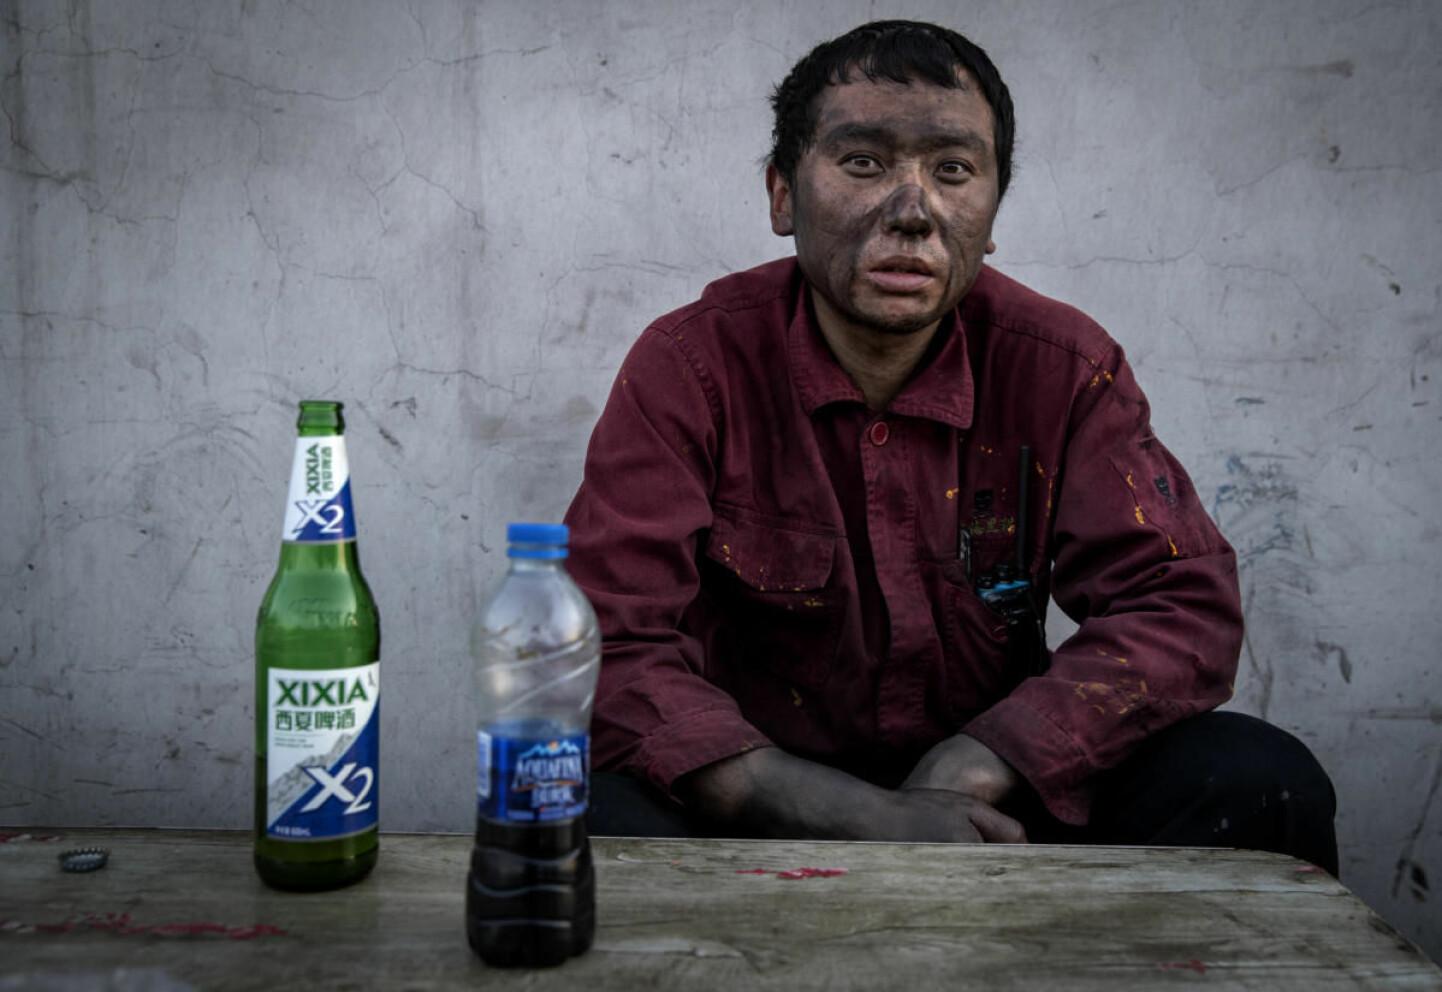 Svart arbeid: Han jobber  med tjære i et kraftverk som fyres med kull. Og er med på å betale prisen for fjerning av smog i kinesiske torbyer. Skiftene hans er 12 timer, syv dager i uka.